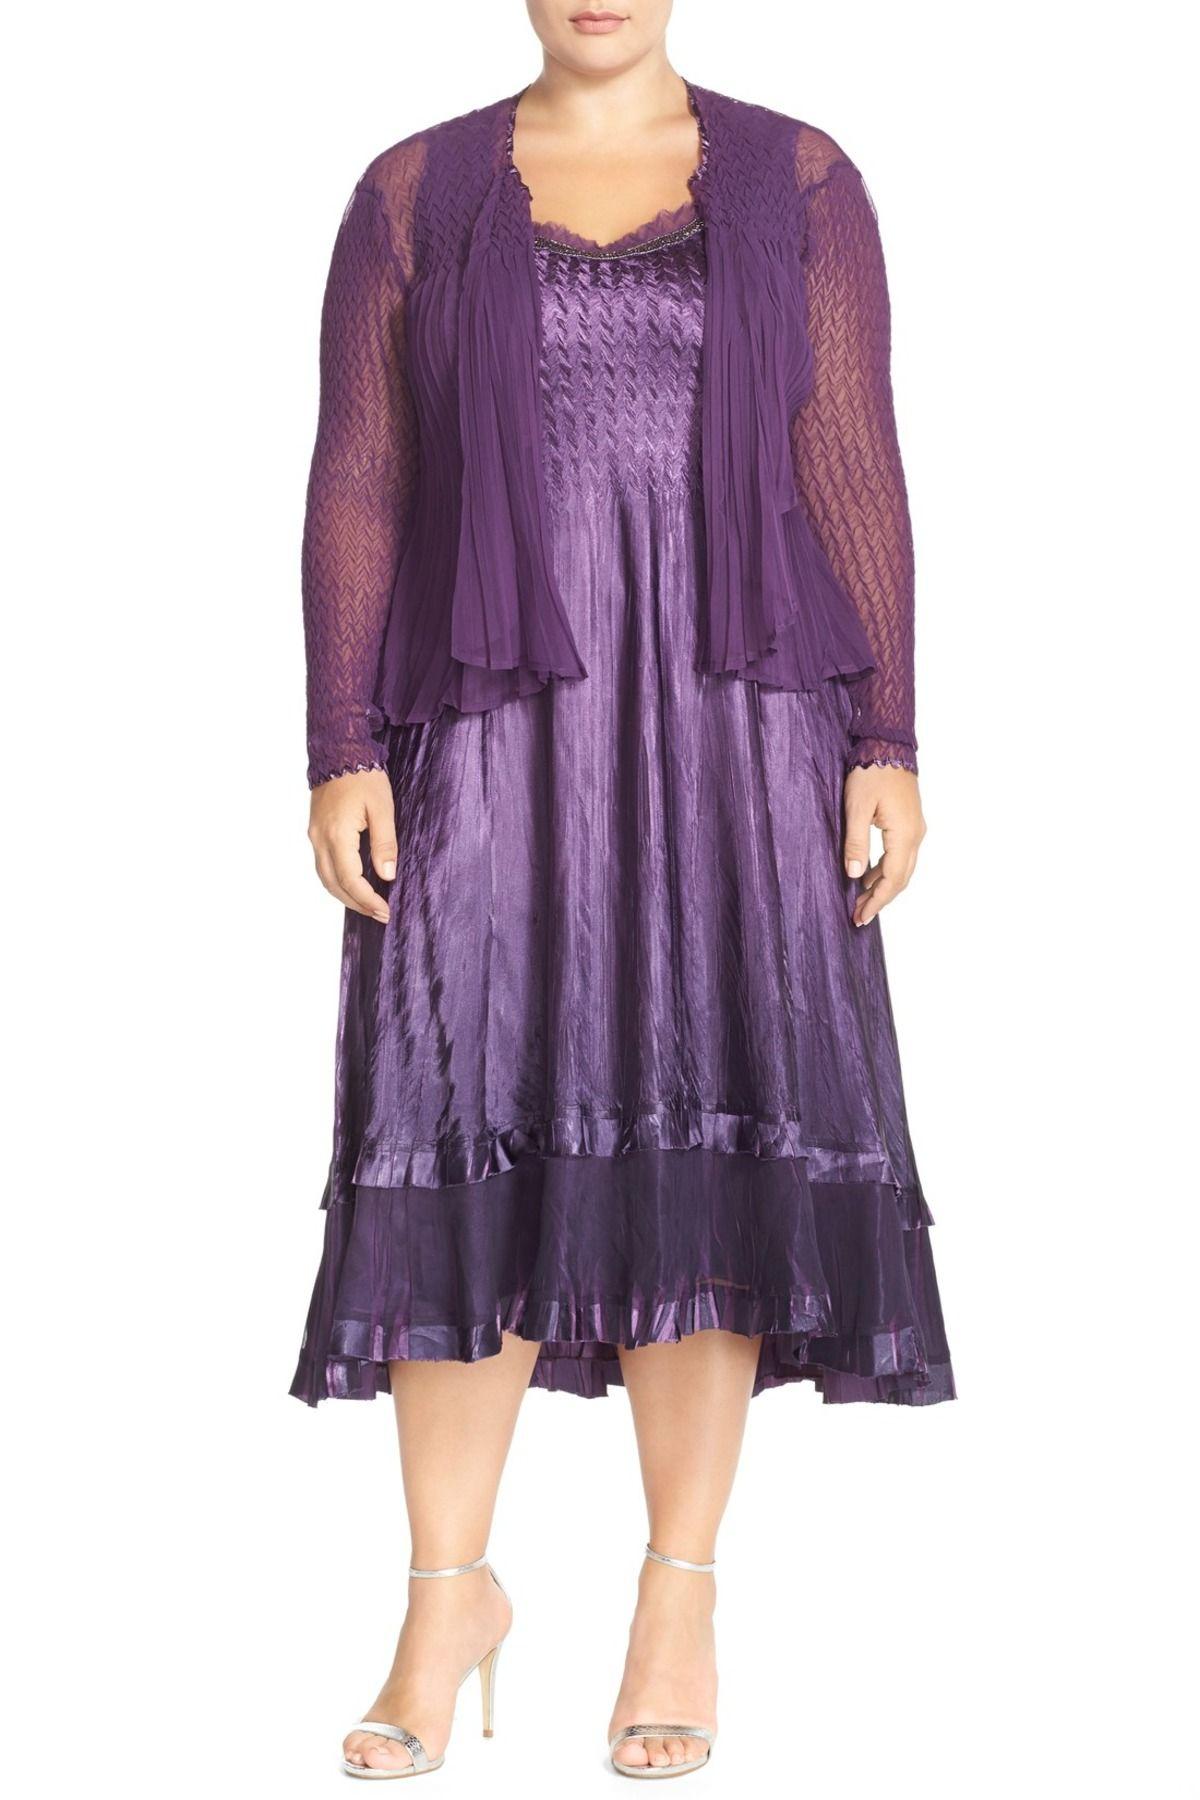 Sleeveless Charmeuse Dress With Chiffon Waterfall Jacket Plus Size